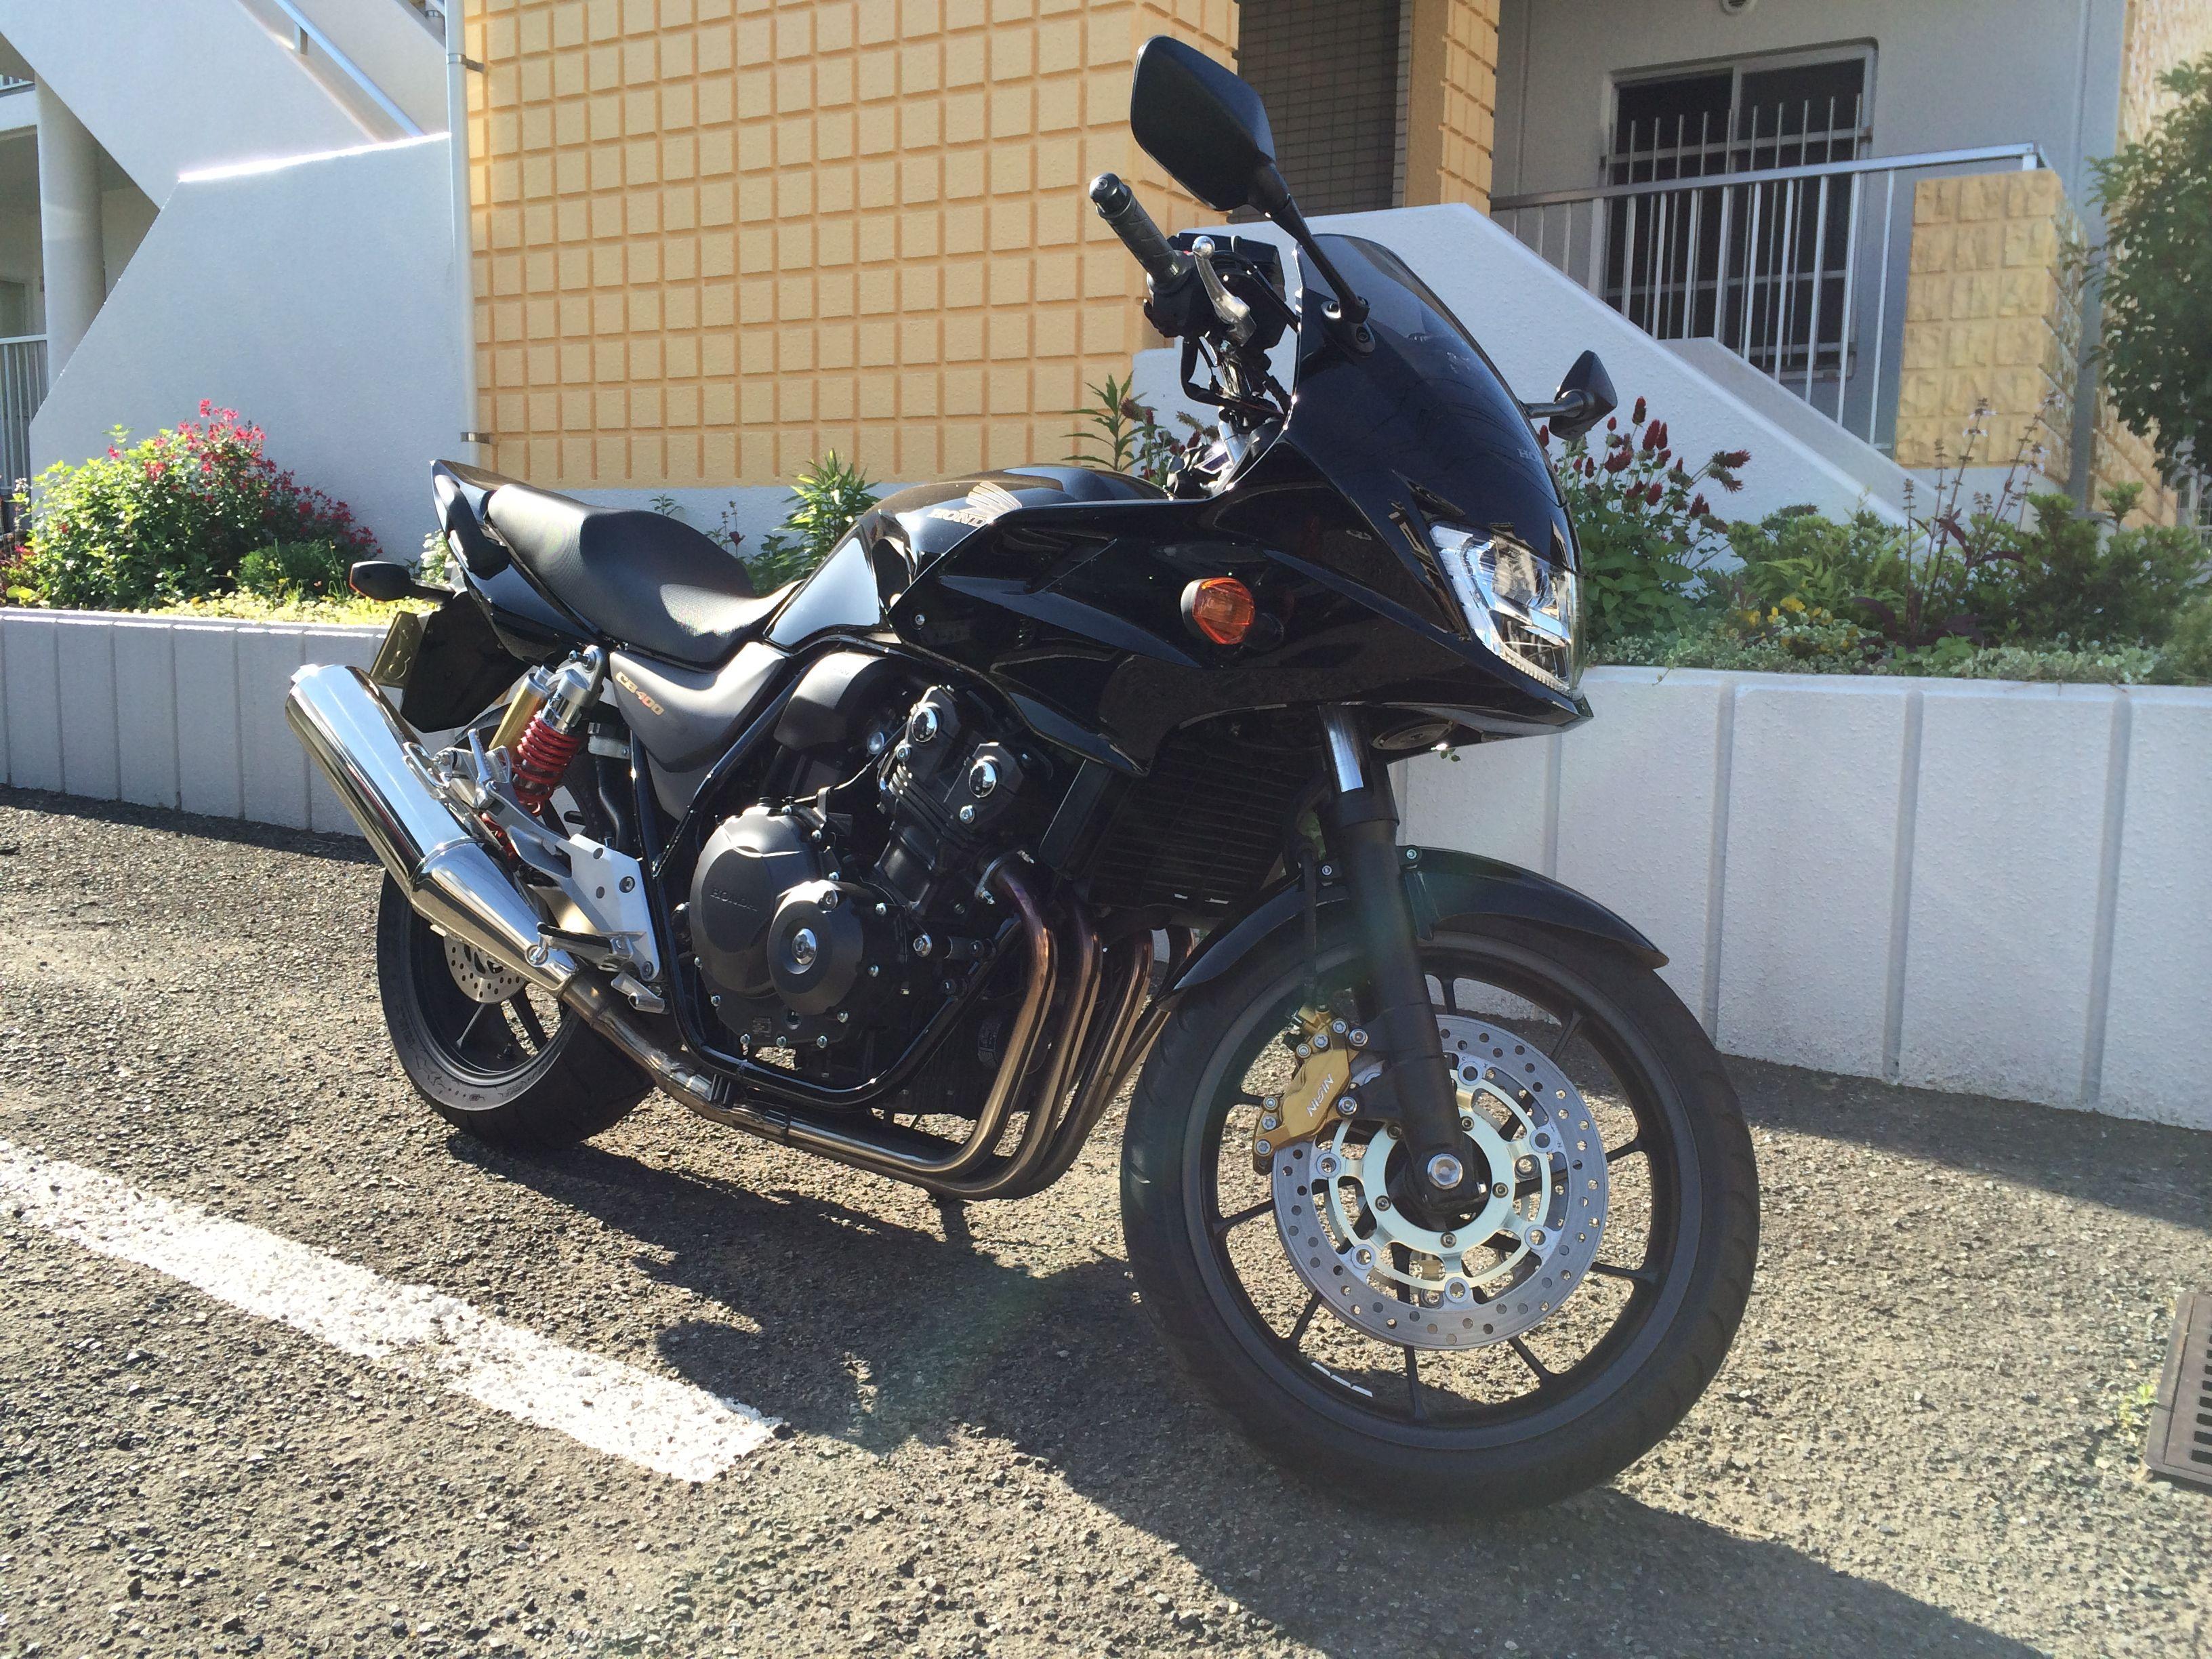 バイクは究極の趣味?! : おススメ情報局